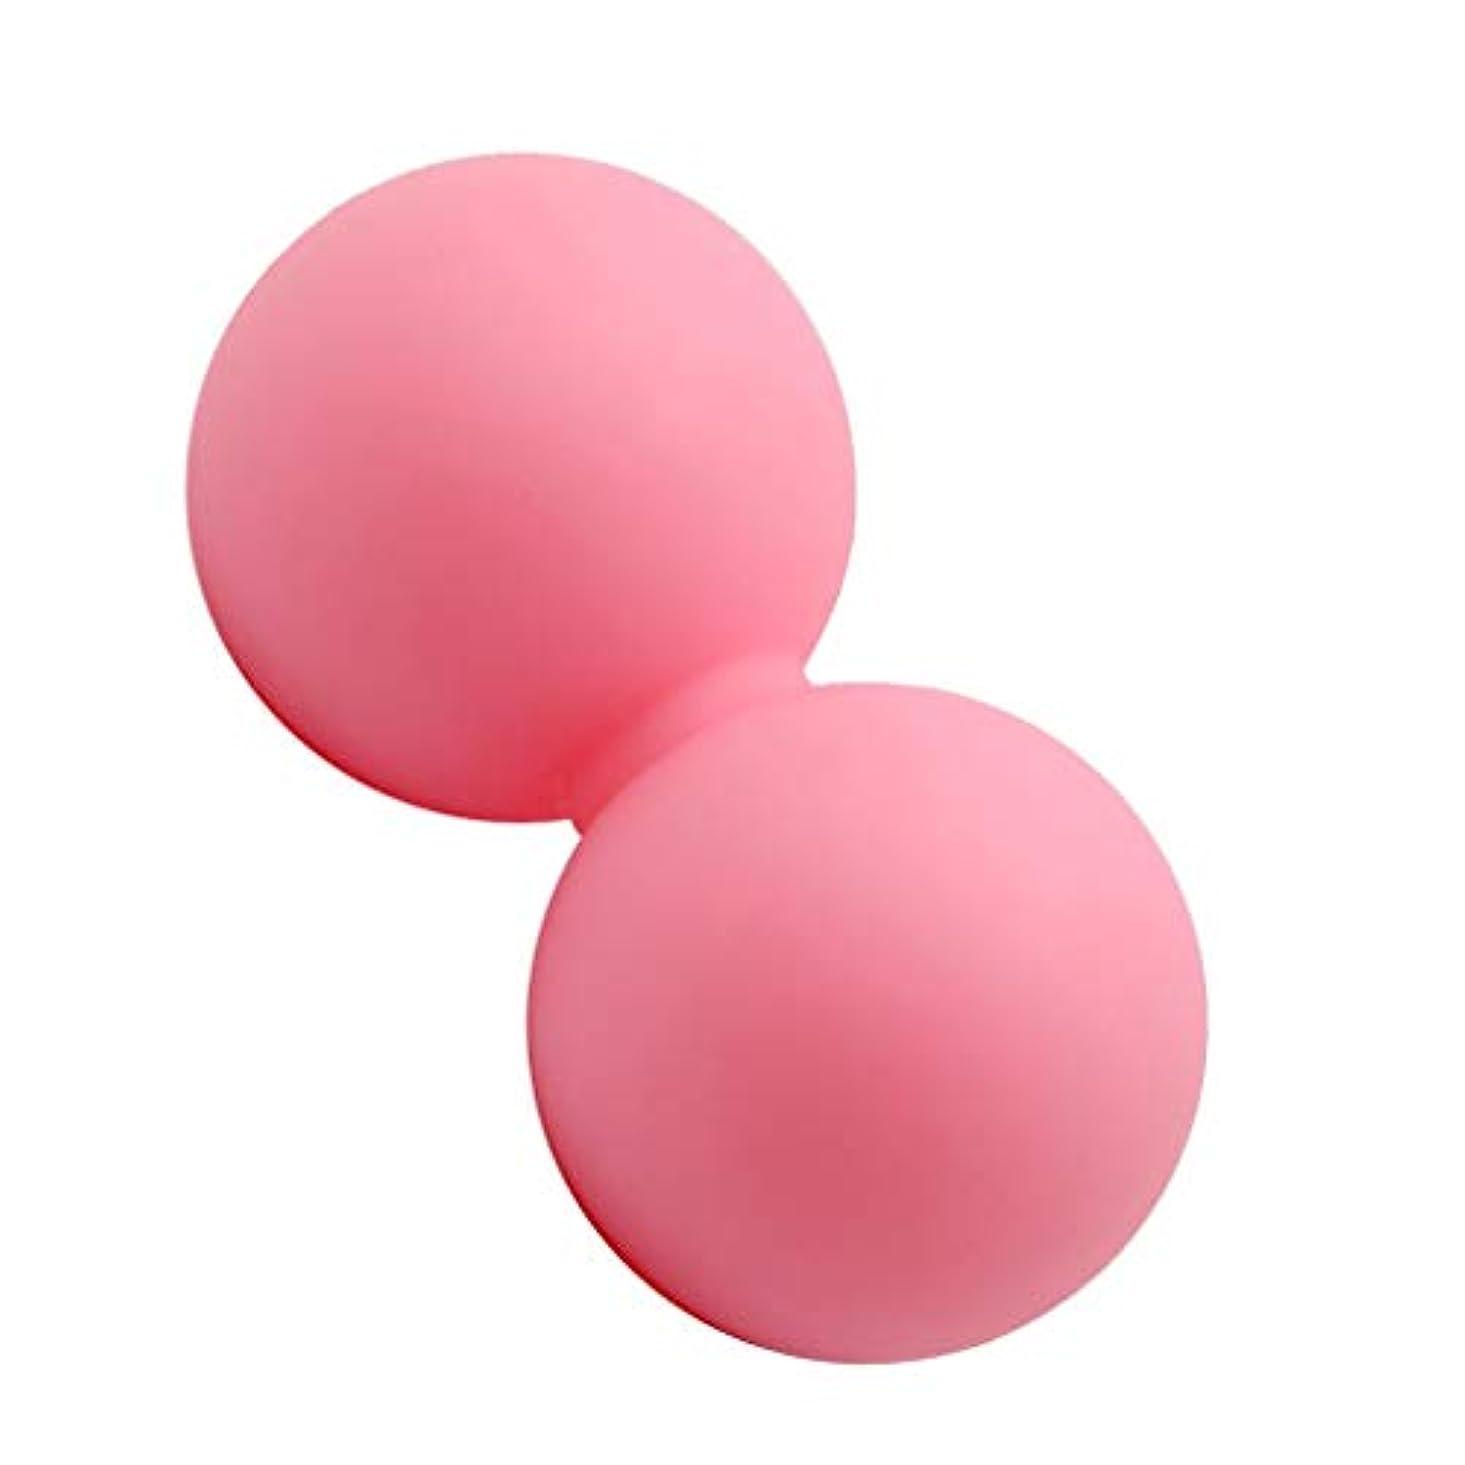 D DOLITY マッサージボール ヨガ 手のひら/足/足首/腕/首/背中用 ピンク